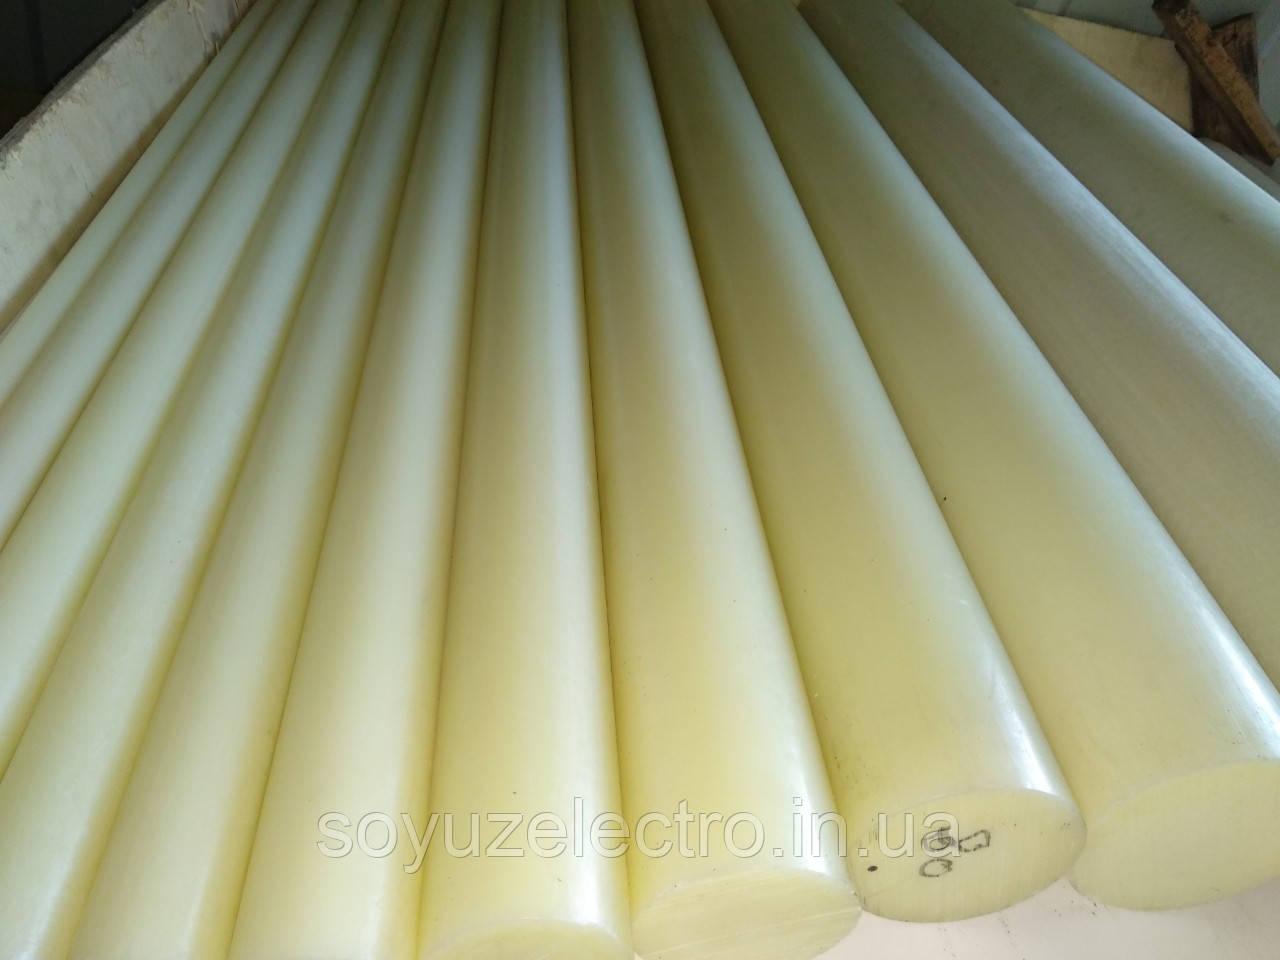 Полиамид ПА 6 стержень 70 мм (Капролон стержневой)